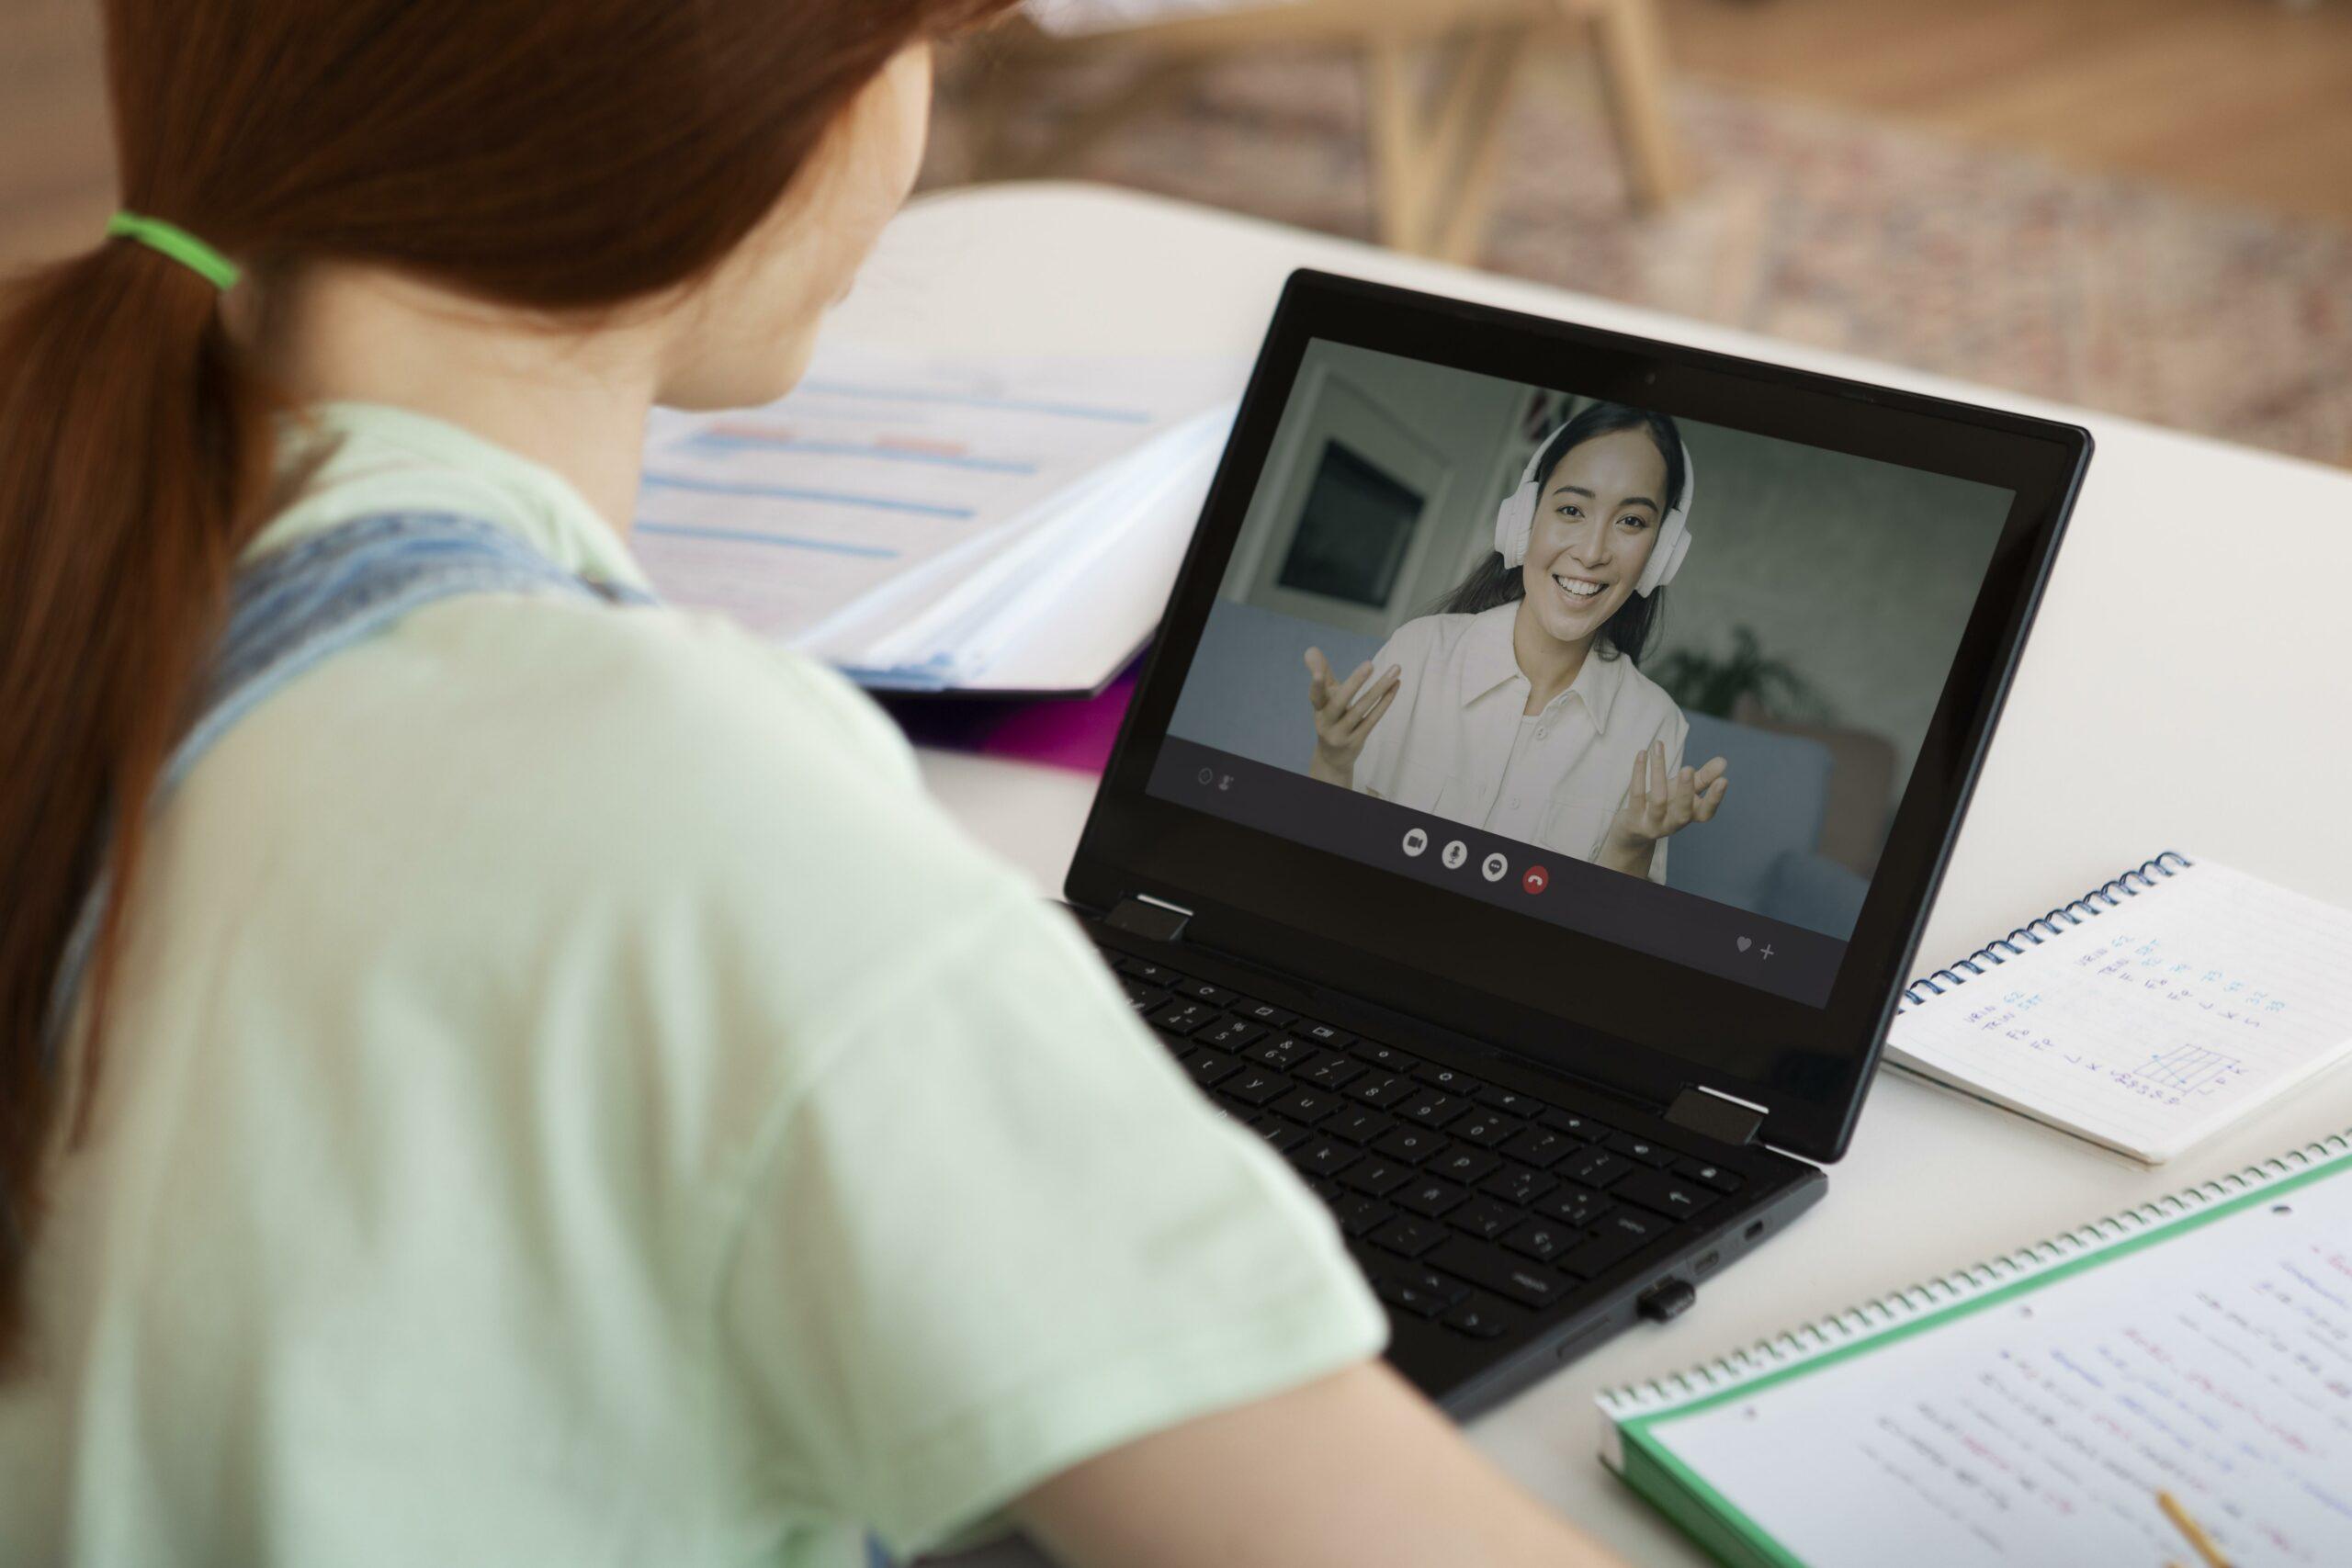 Vemos uma mulher conversando com outra em uma videochamada (imagem ilustrativa). Texto: como abrir uma franquia de açaí.